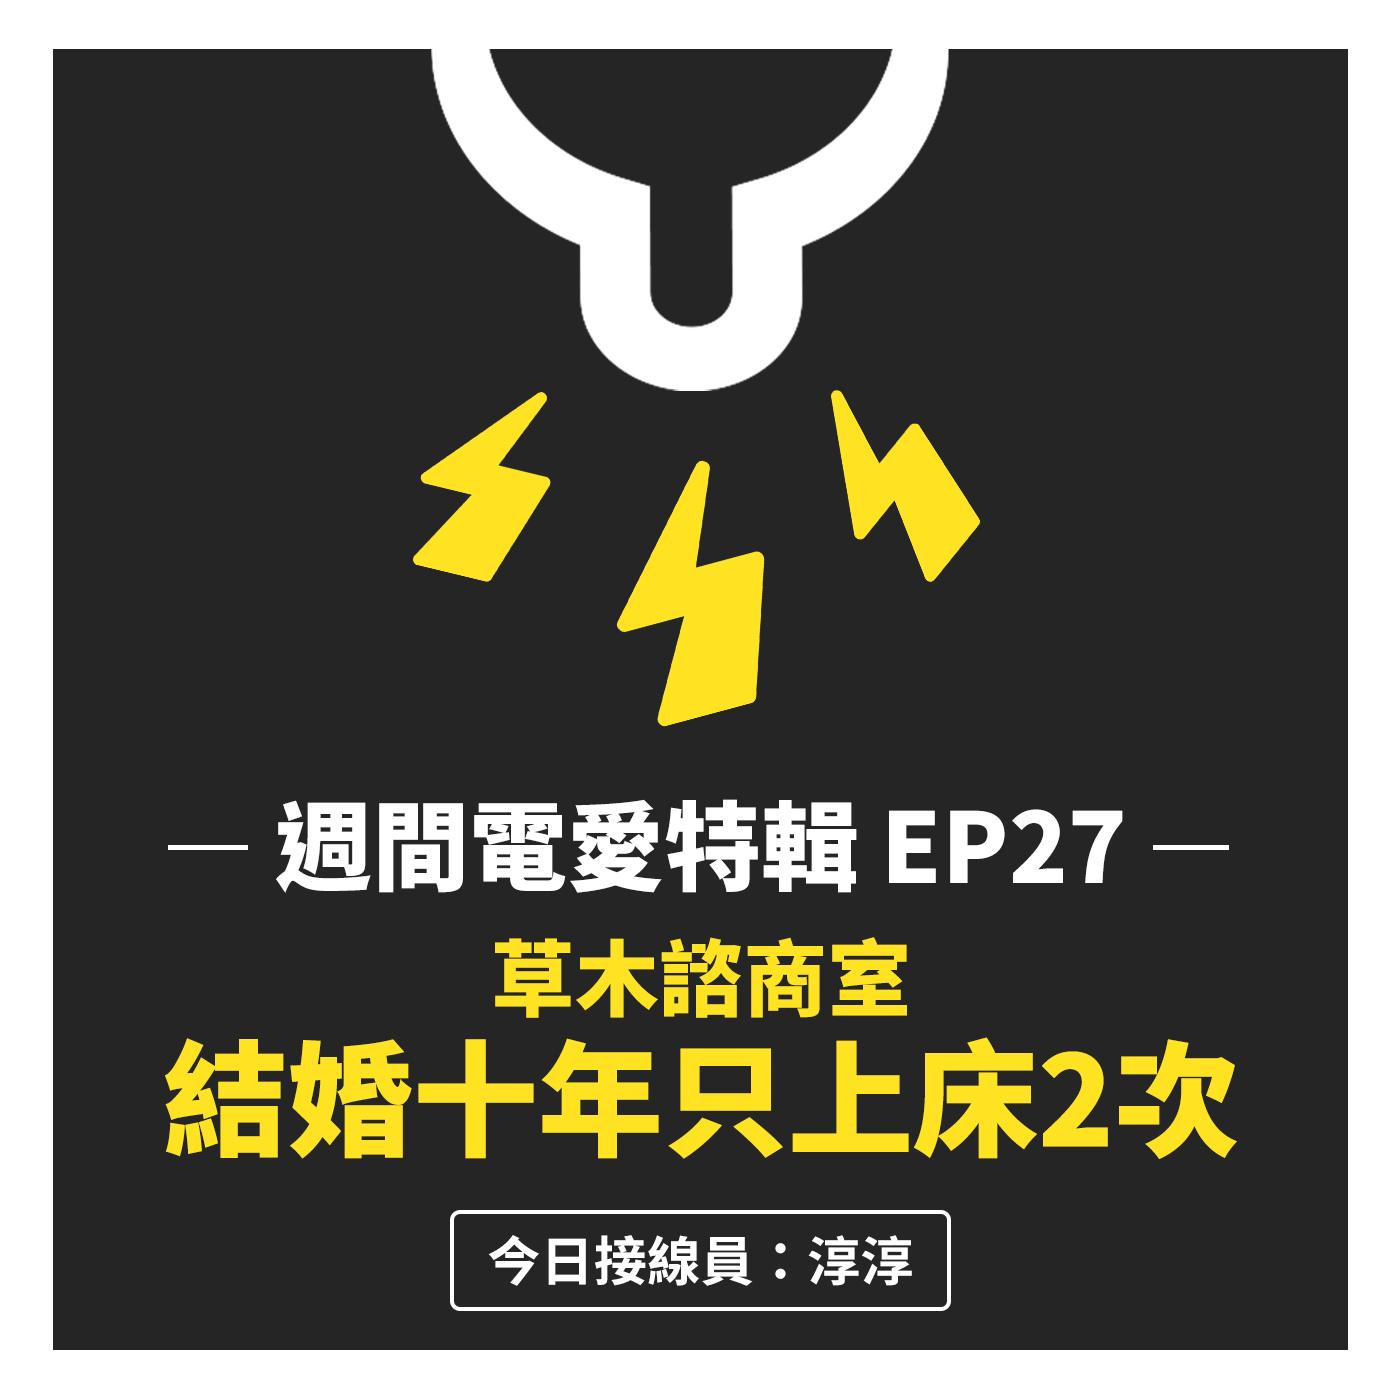 [週間電愛特輯] EP27 草木諮商室 - 結婚十年只上床2次